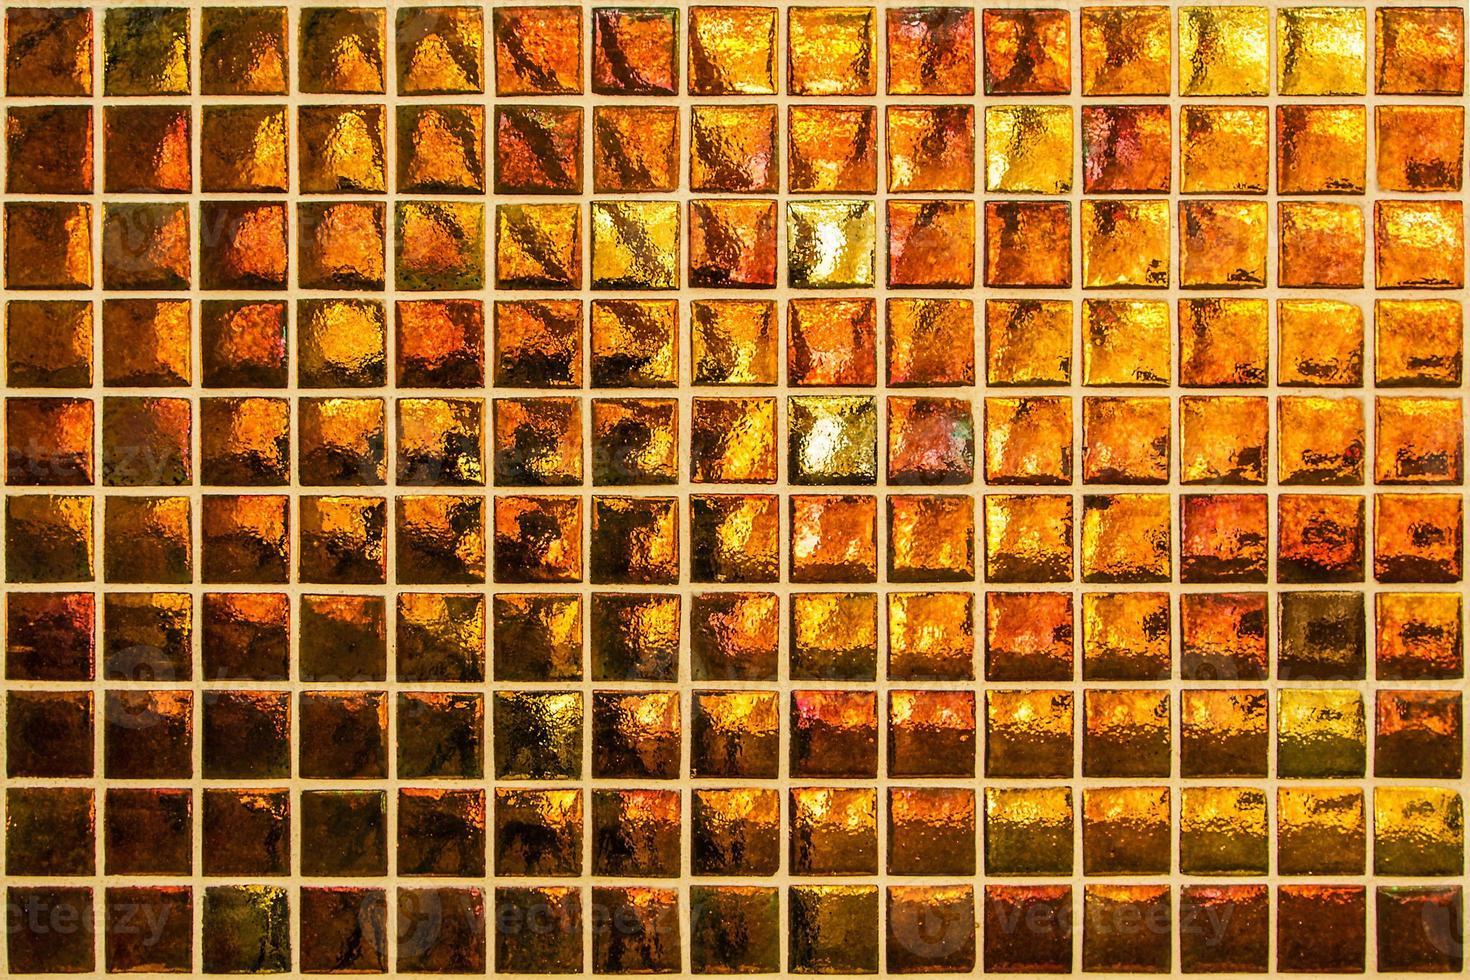 mosaico laranja moderno com pequenos quadrados foto